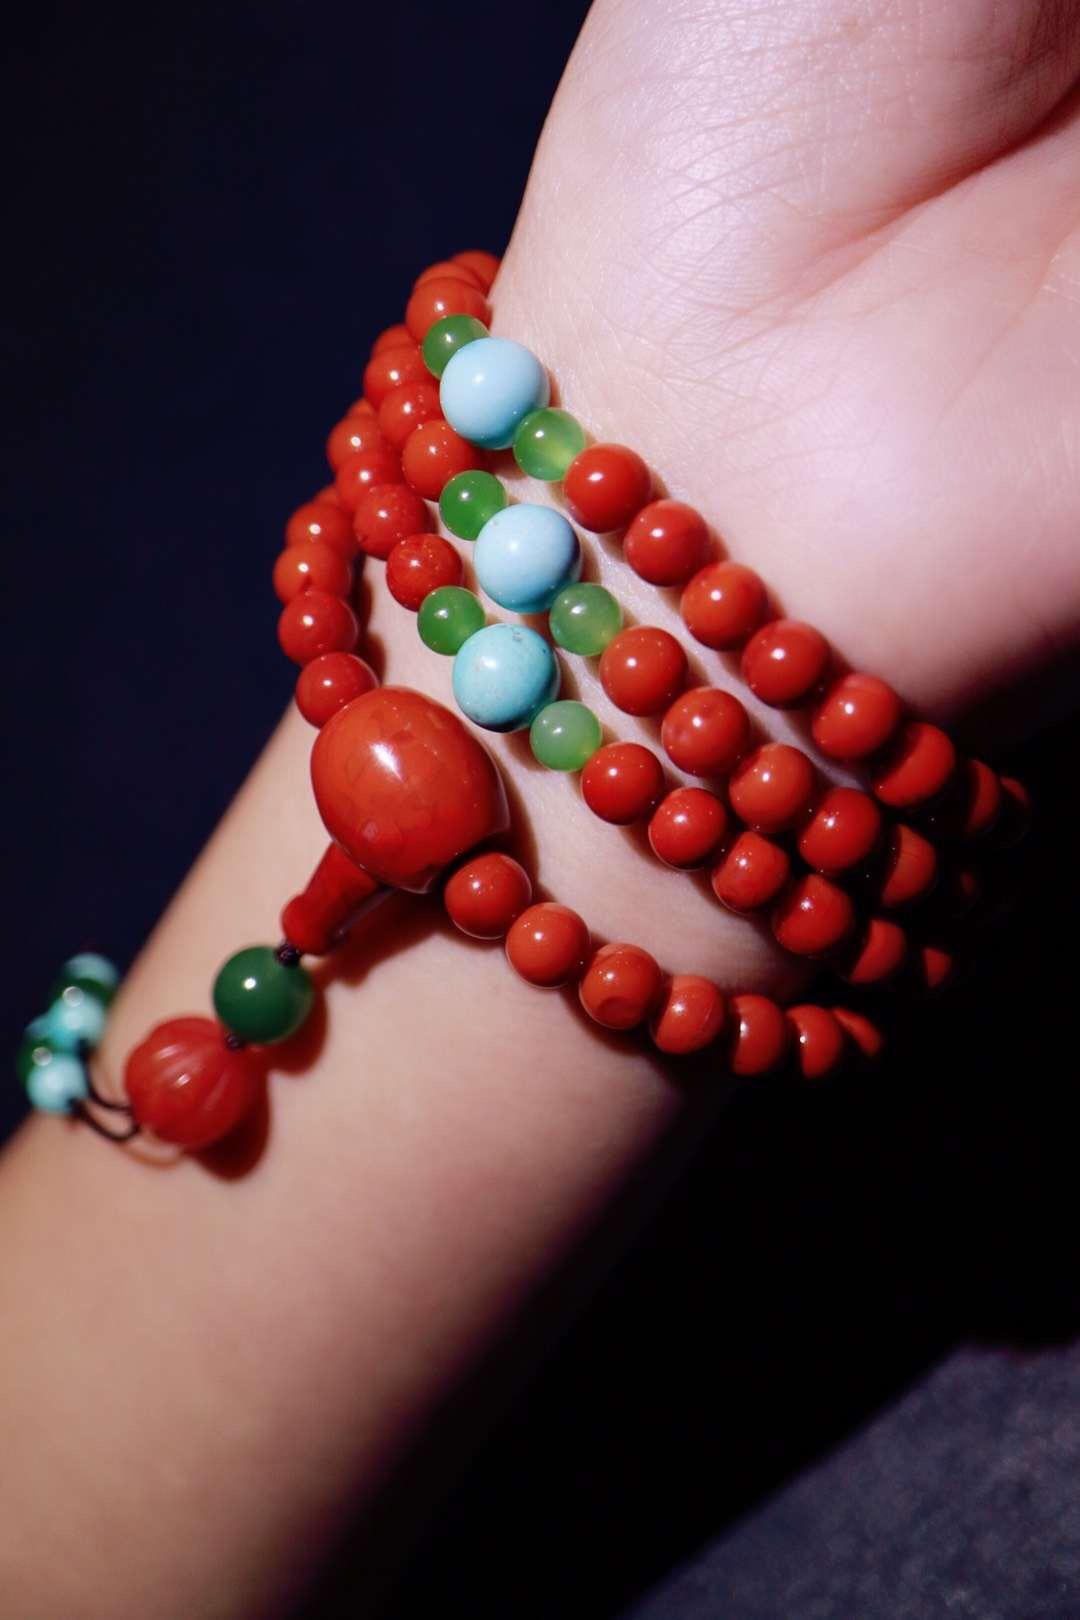 【菩心南红一百零八子】 红色,一直以来都是祥瑞之色-菩心晶舍